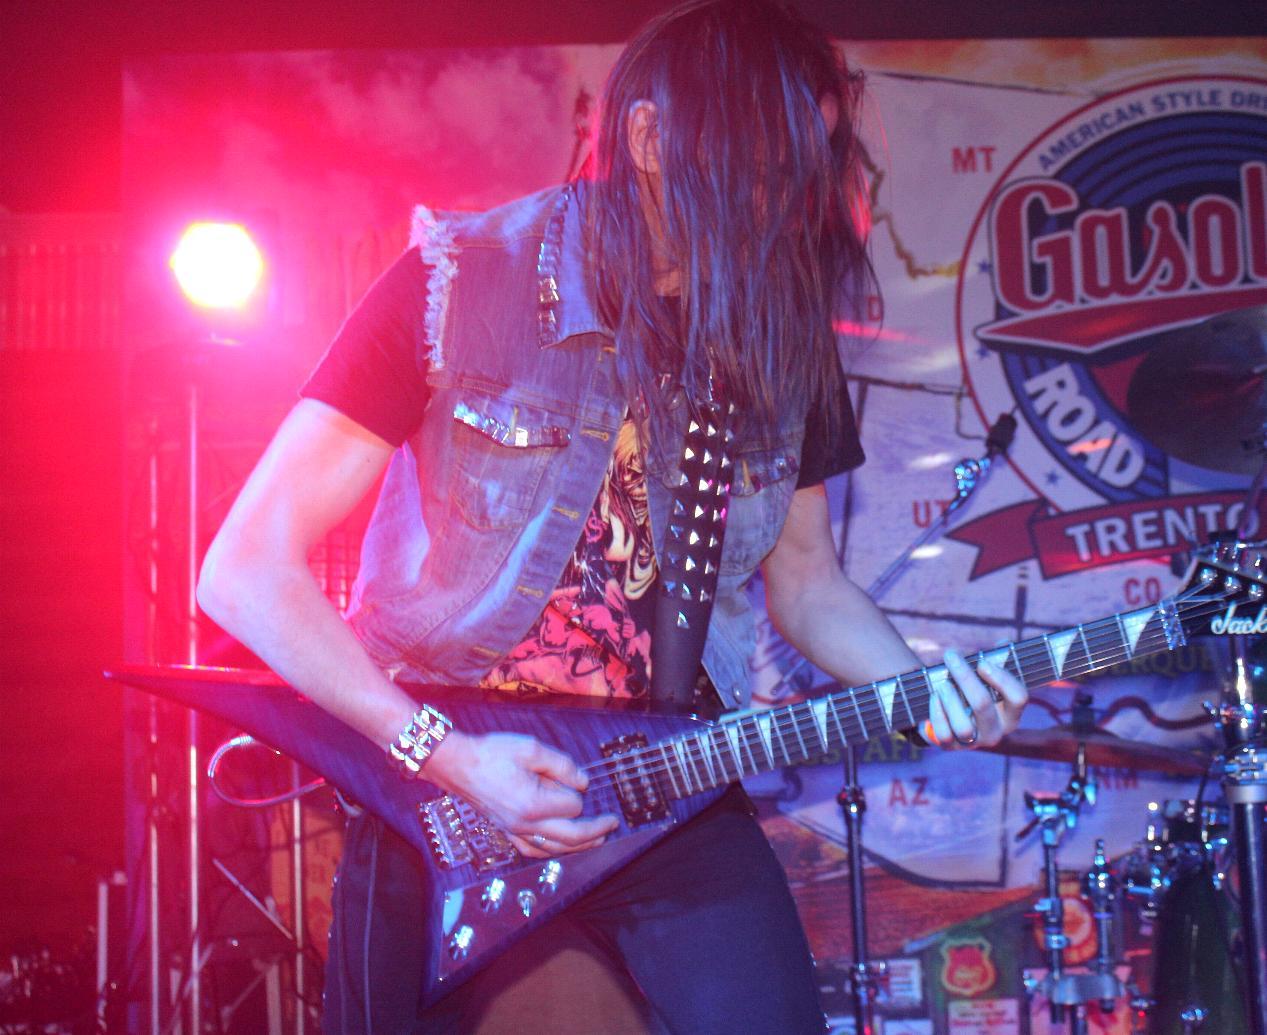 LUCK AZ - guitar 66